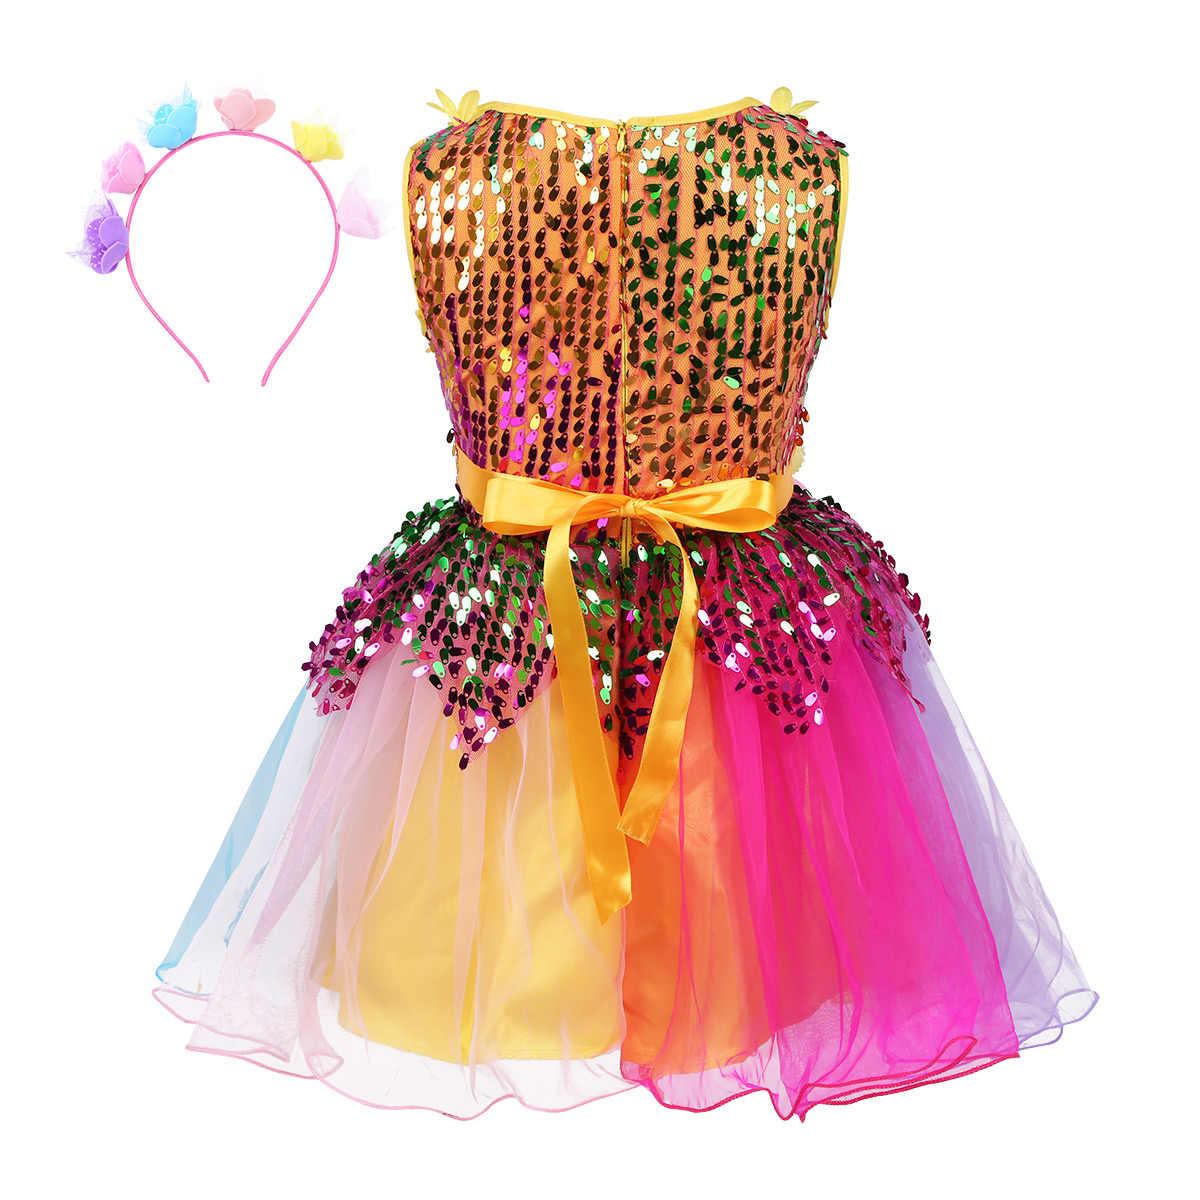 ChicTry niños adolescentes colorido moderno Jazz escenario actuación baile disfraz lentejuelas flor tul chica Ballet tutú vestido pelo aro conjunto